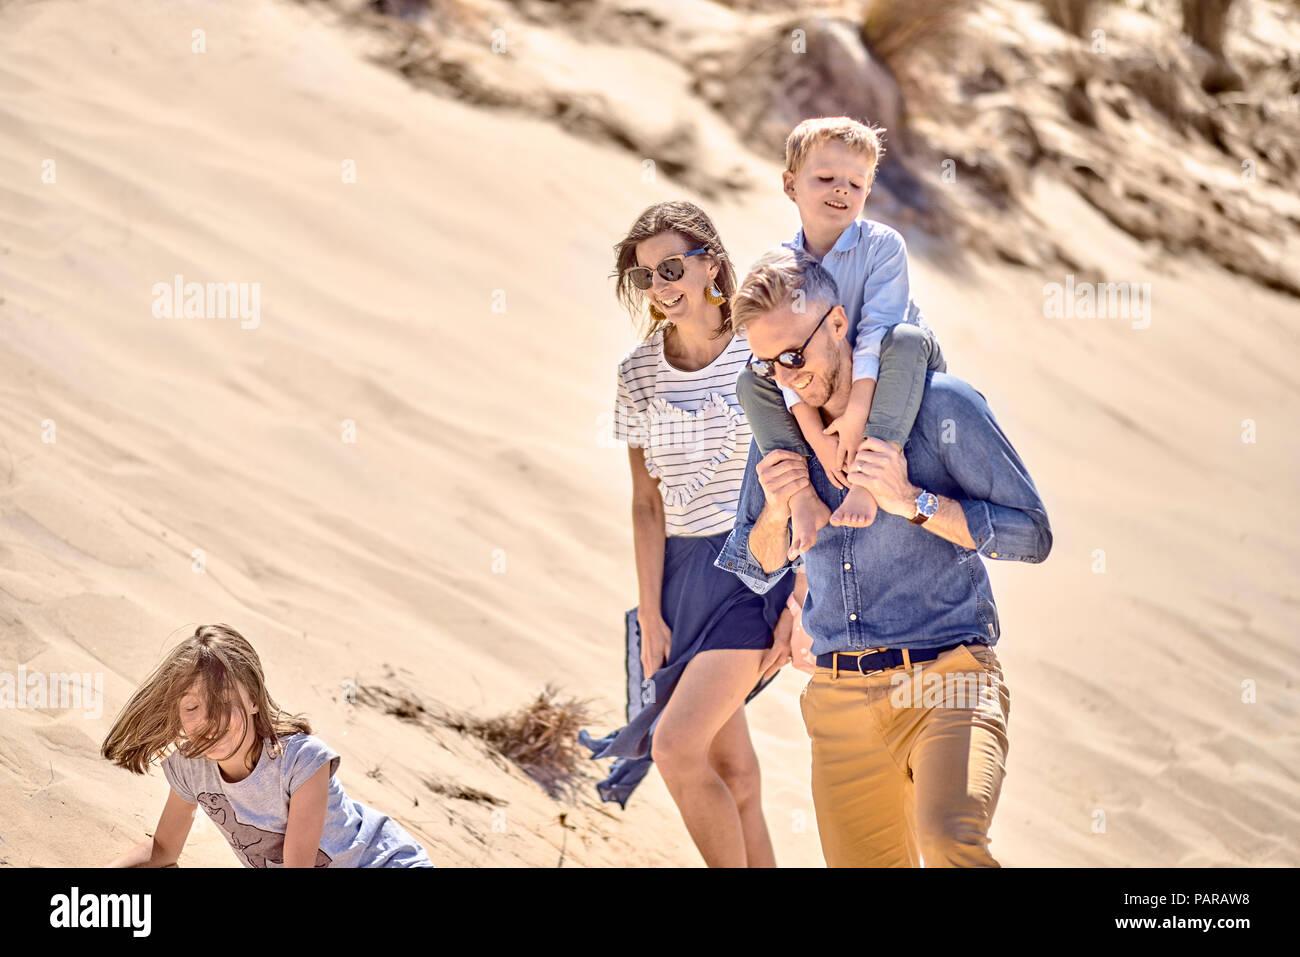 Glückliche Familie zu Fuß auf den Strand zusammen Stockbild